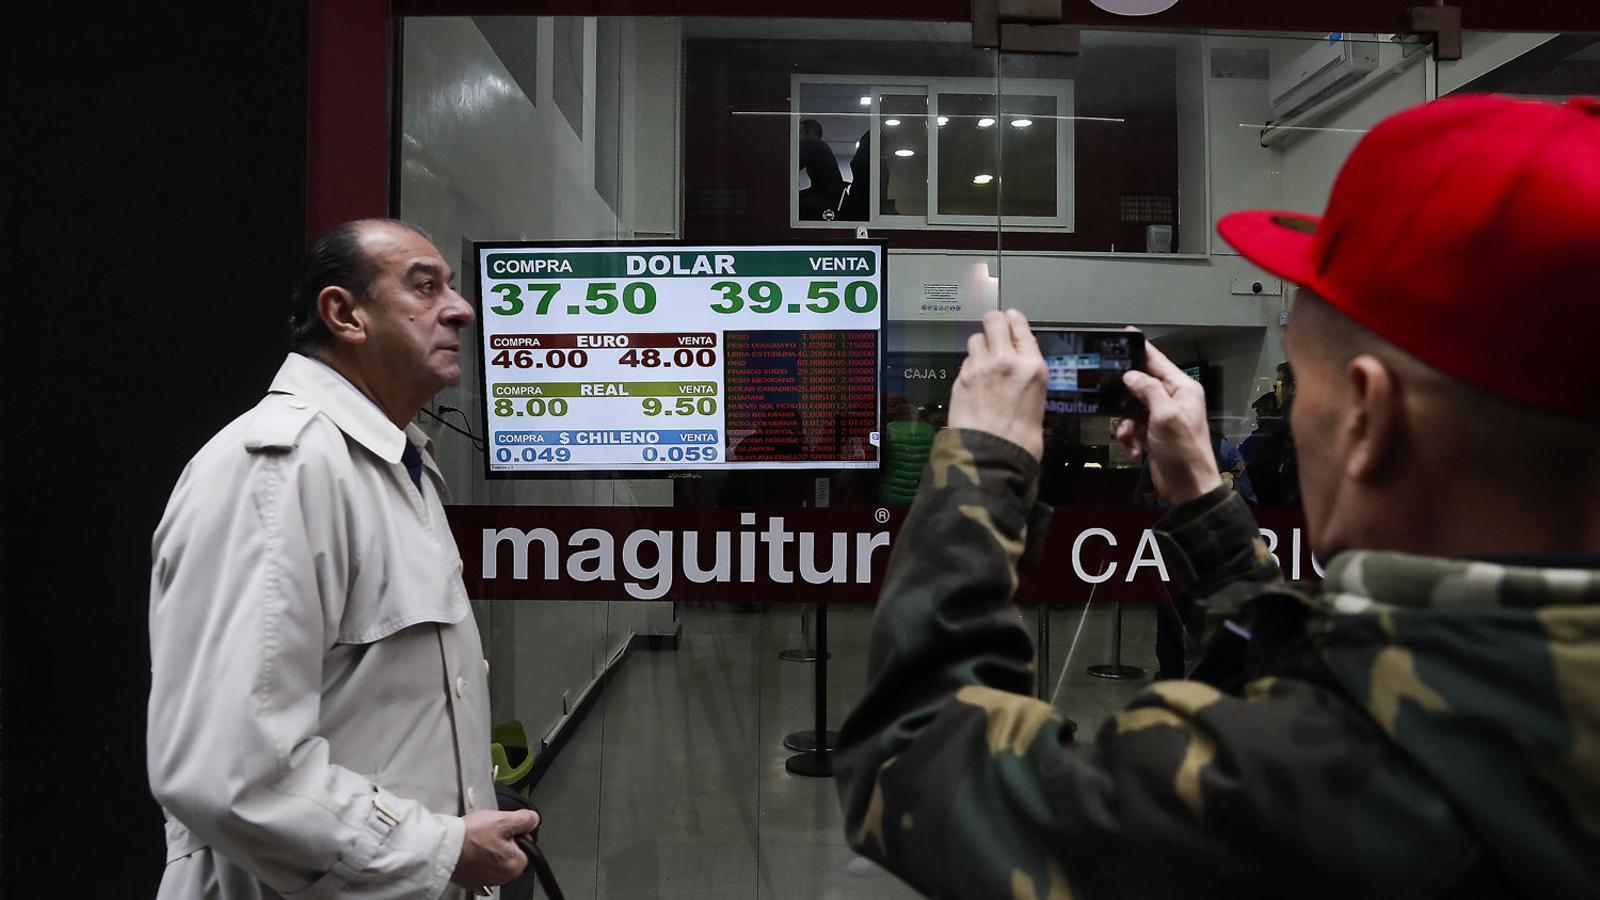 El tango que no sap ballar l'economia de l'Argentina